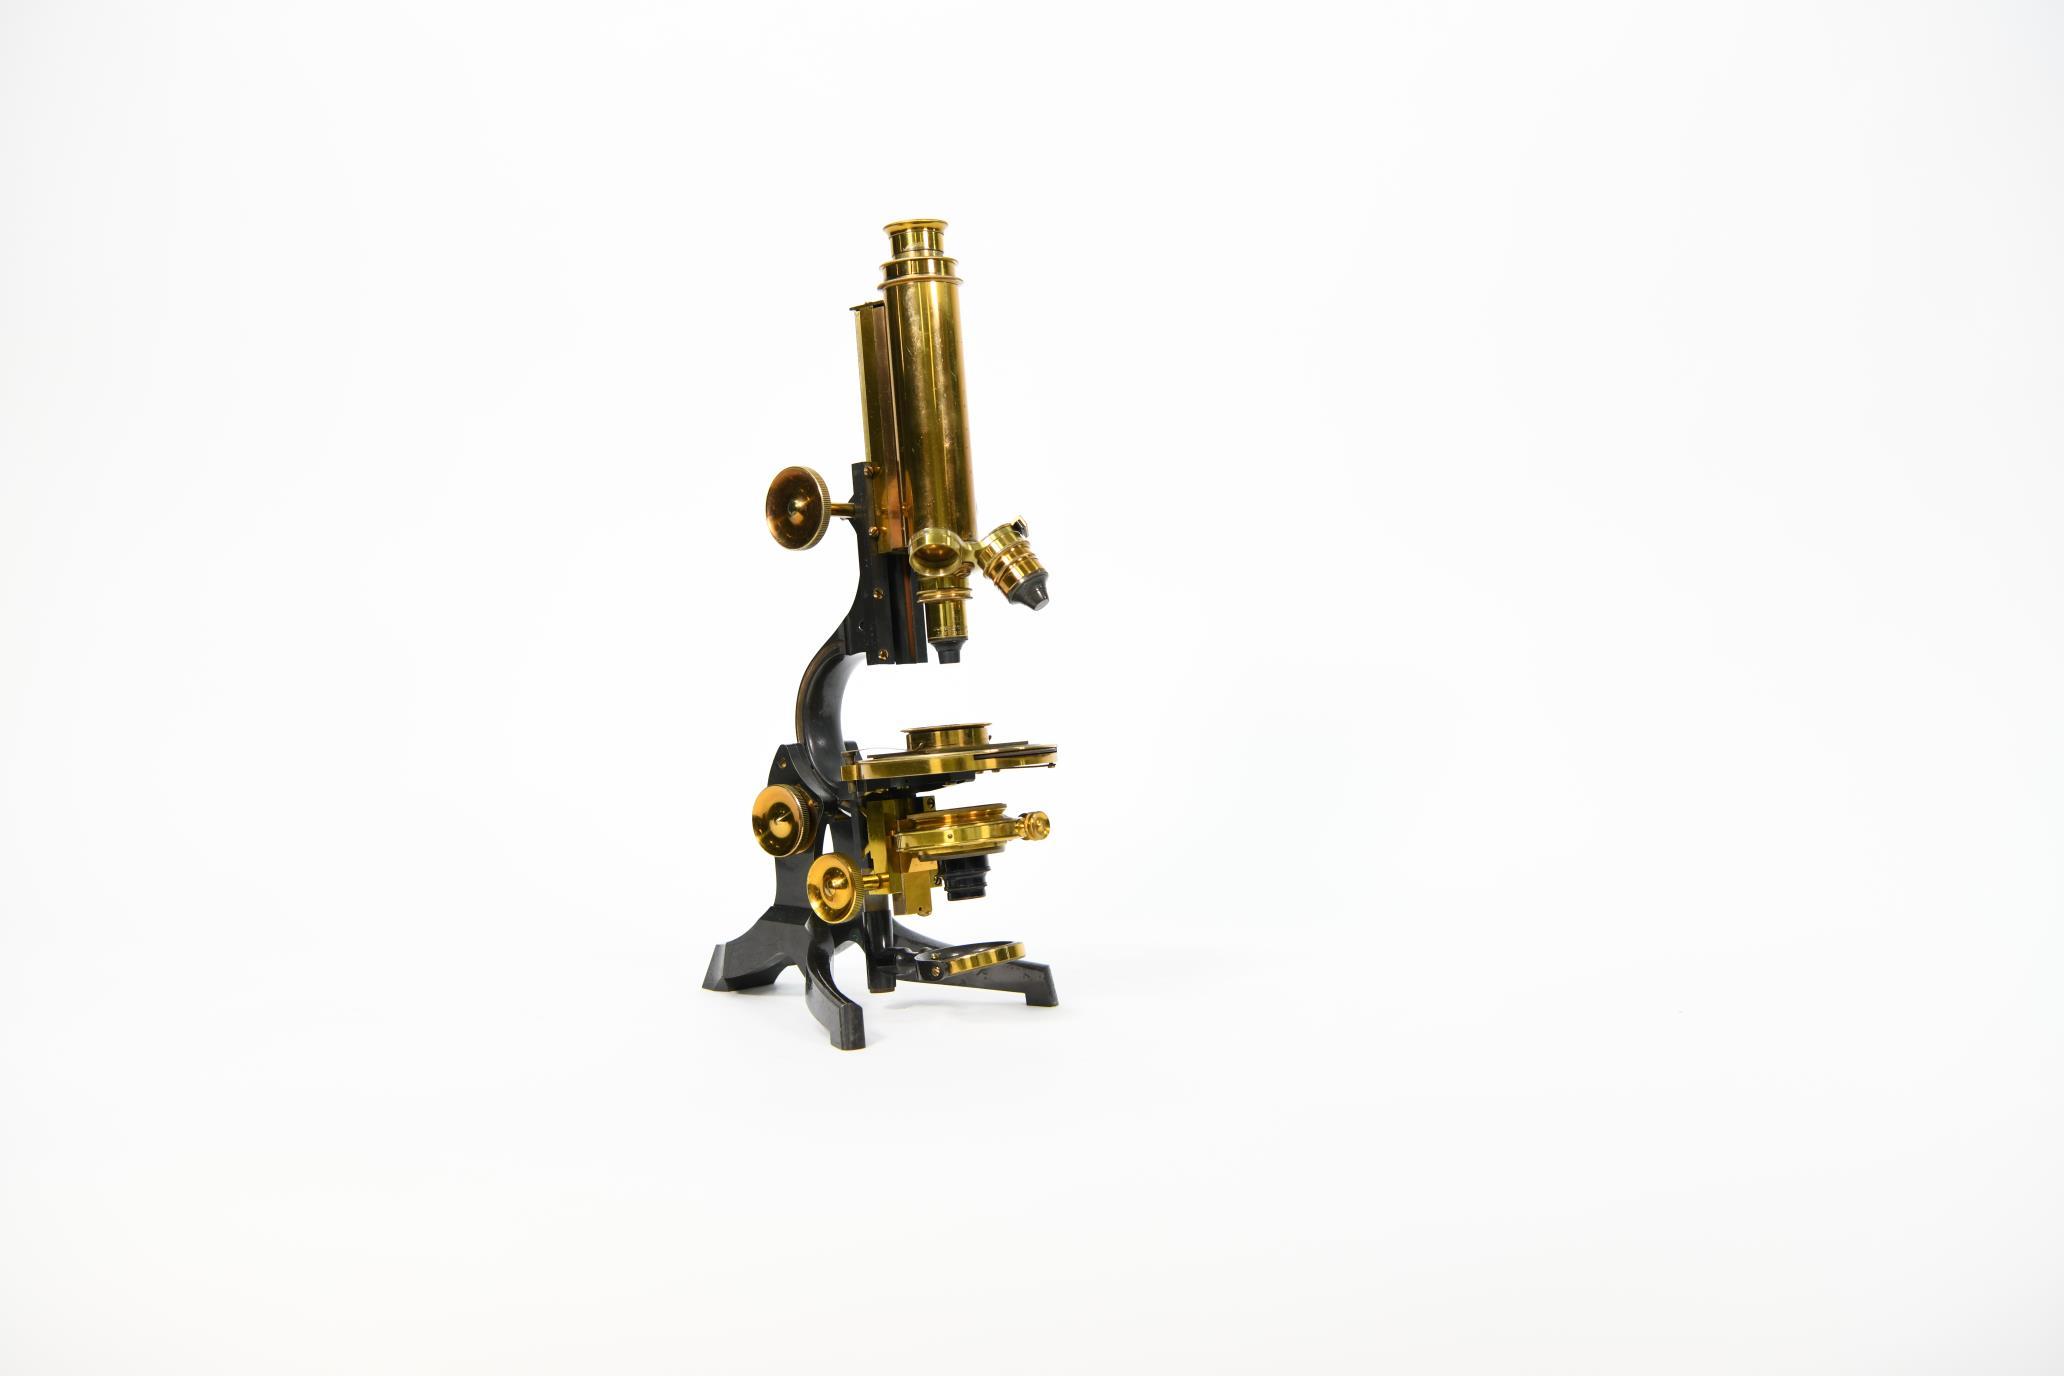 罗茁校友、潘建岳校友资助我馆购买一批科学仪器